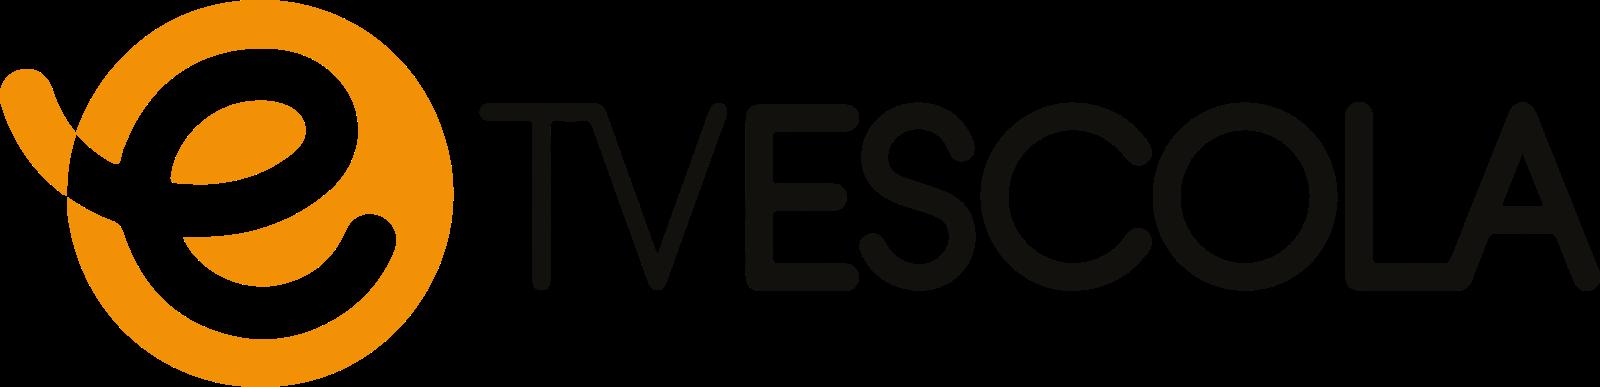 Tv Escola Logo.